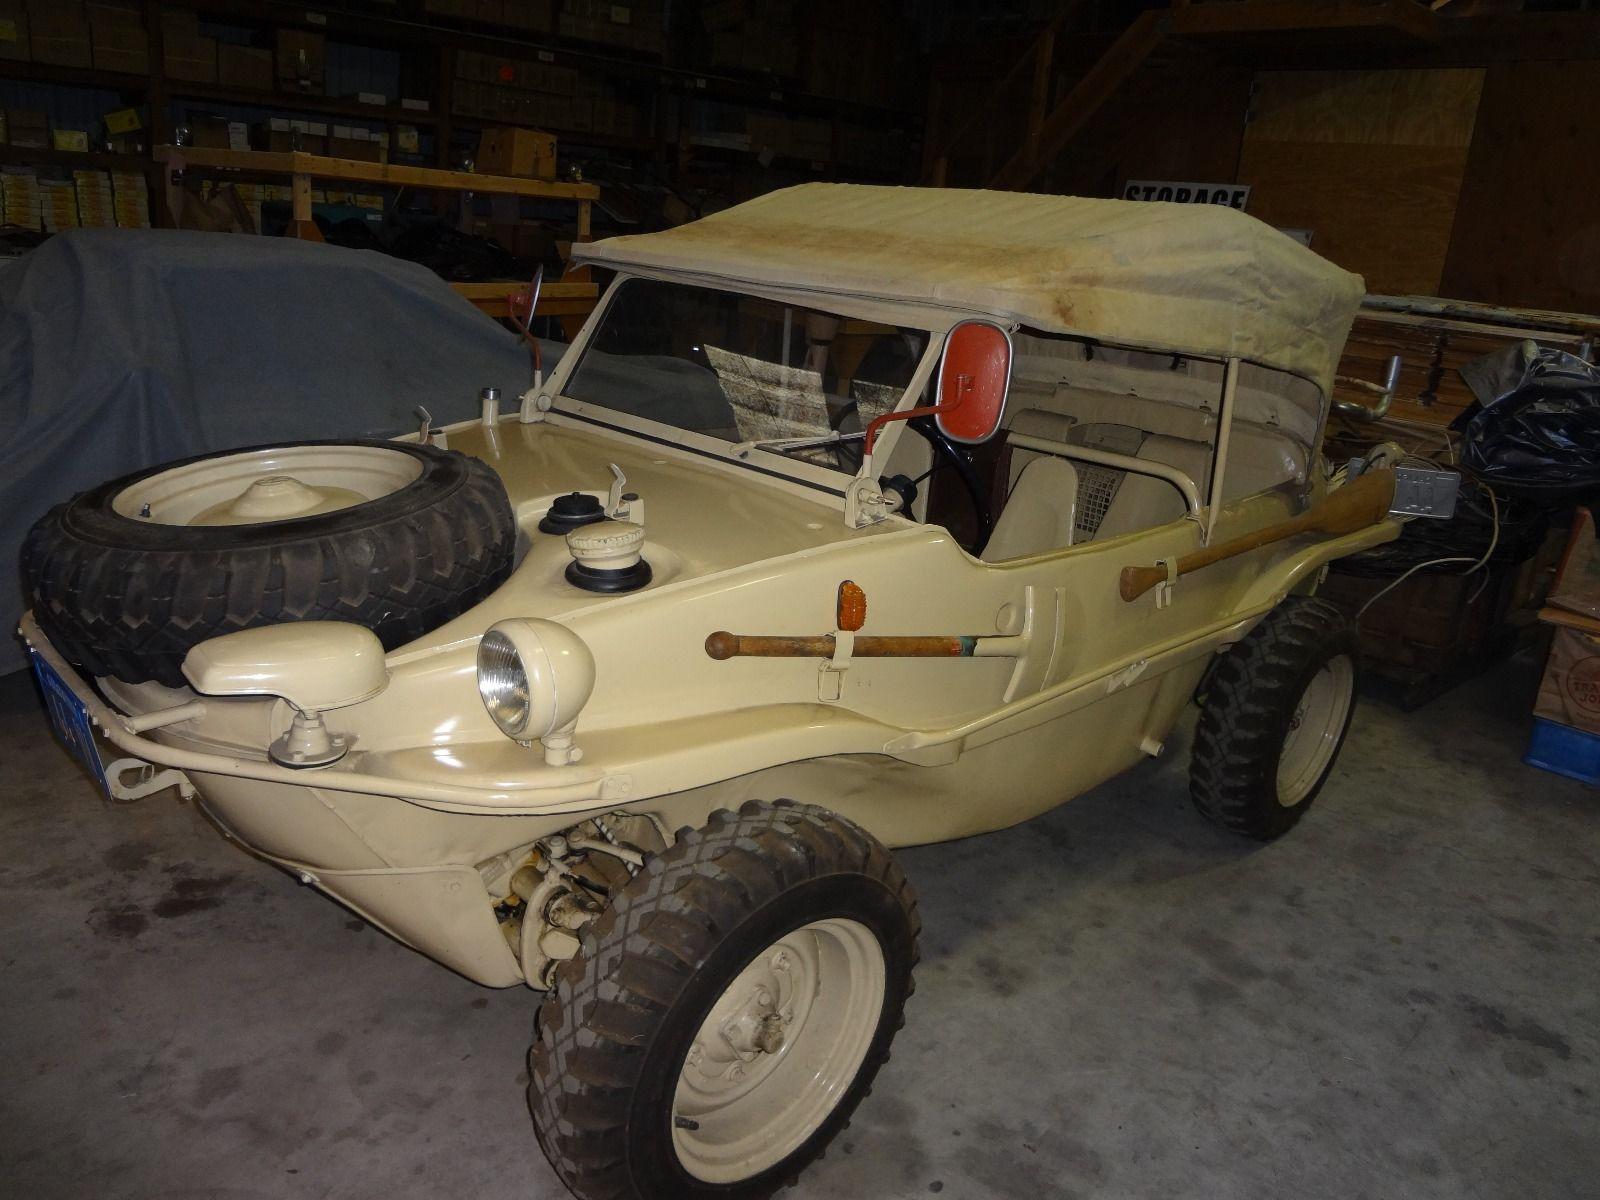 California Classic Cars Of Hull